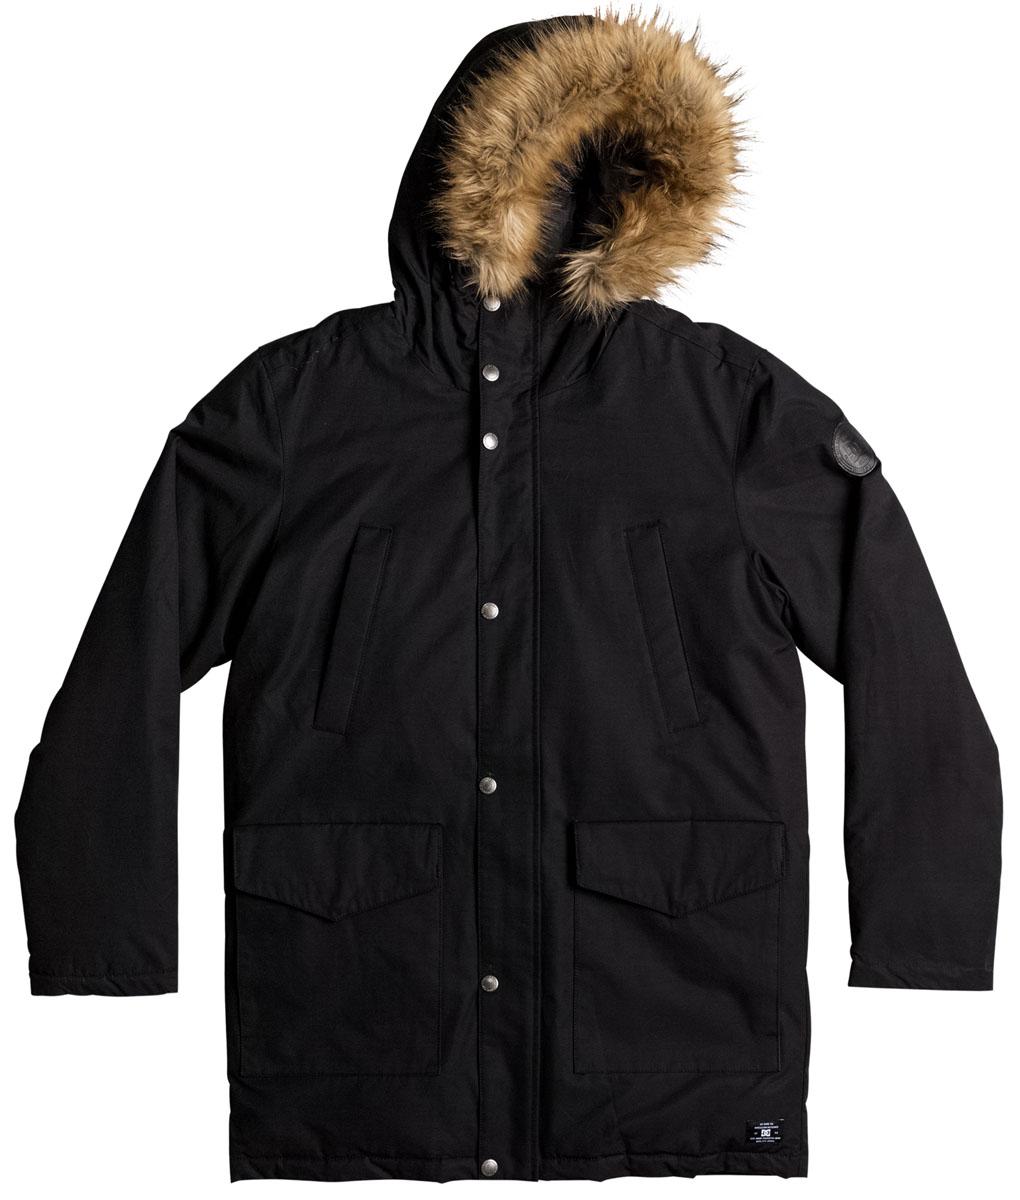 Куртка мужская DC Shoes, цвет: черный. EDYJK03125-KVJ0. Размер XXL (54)EDYJK03125-KVJ0